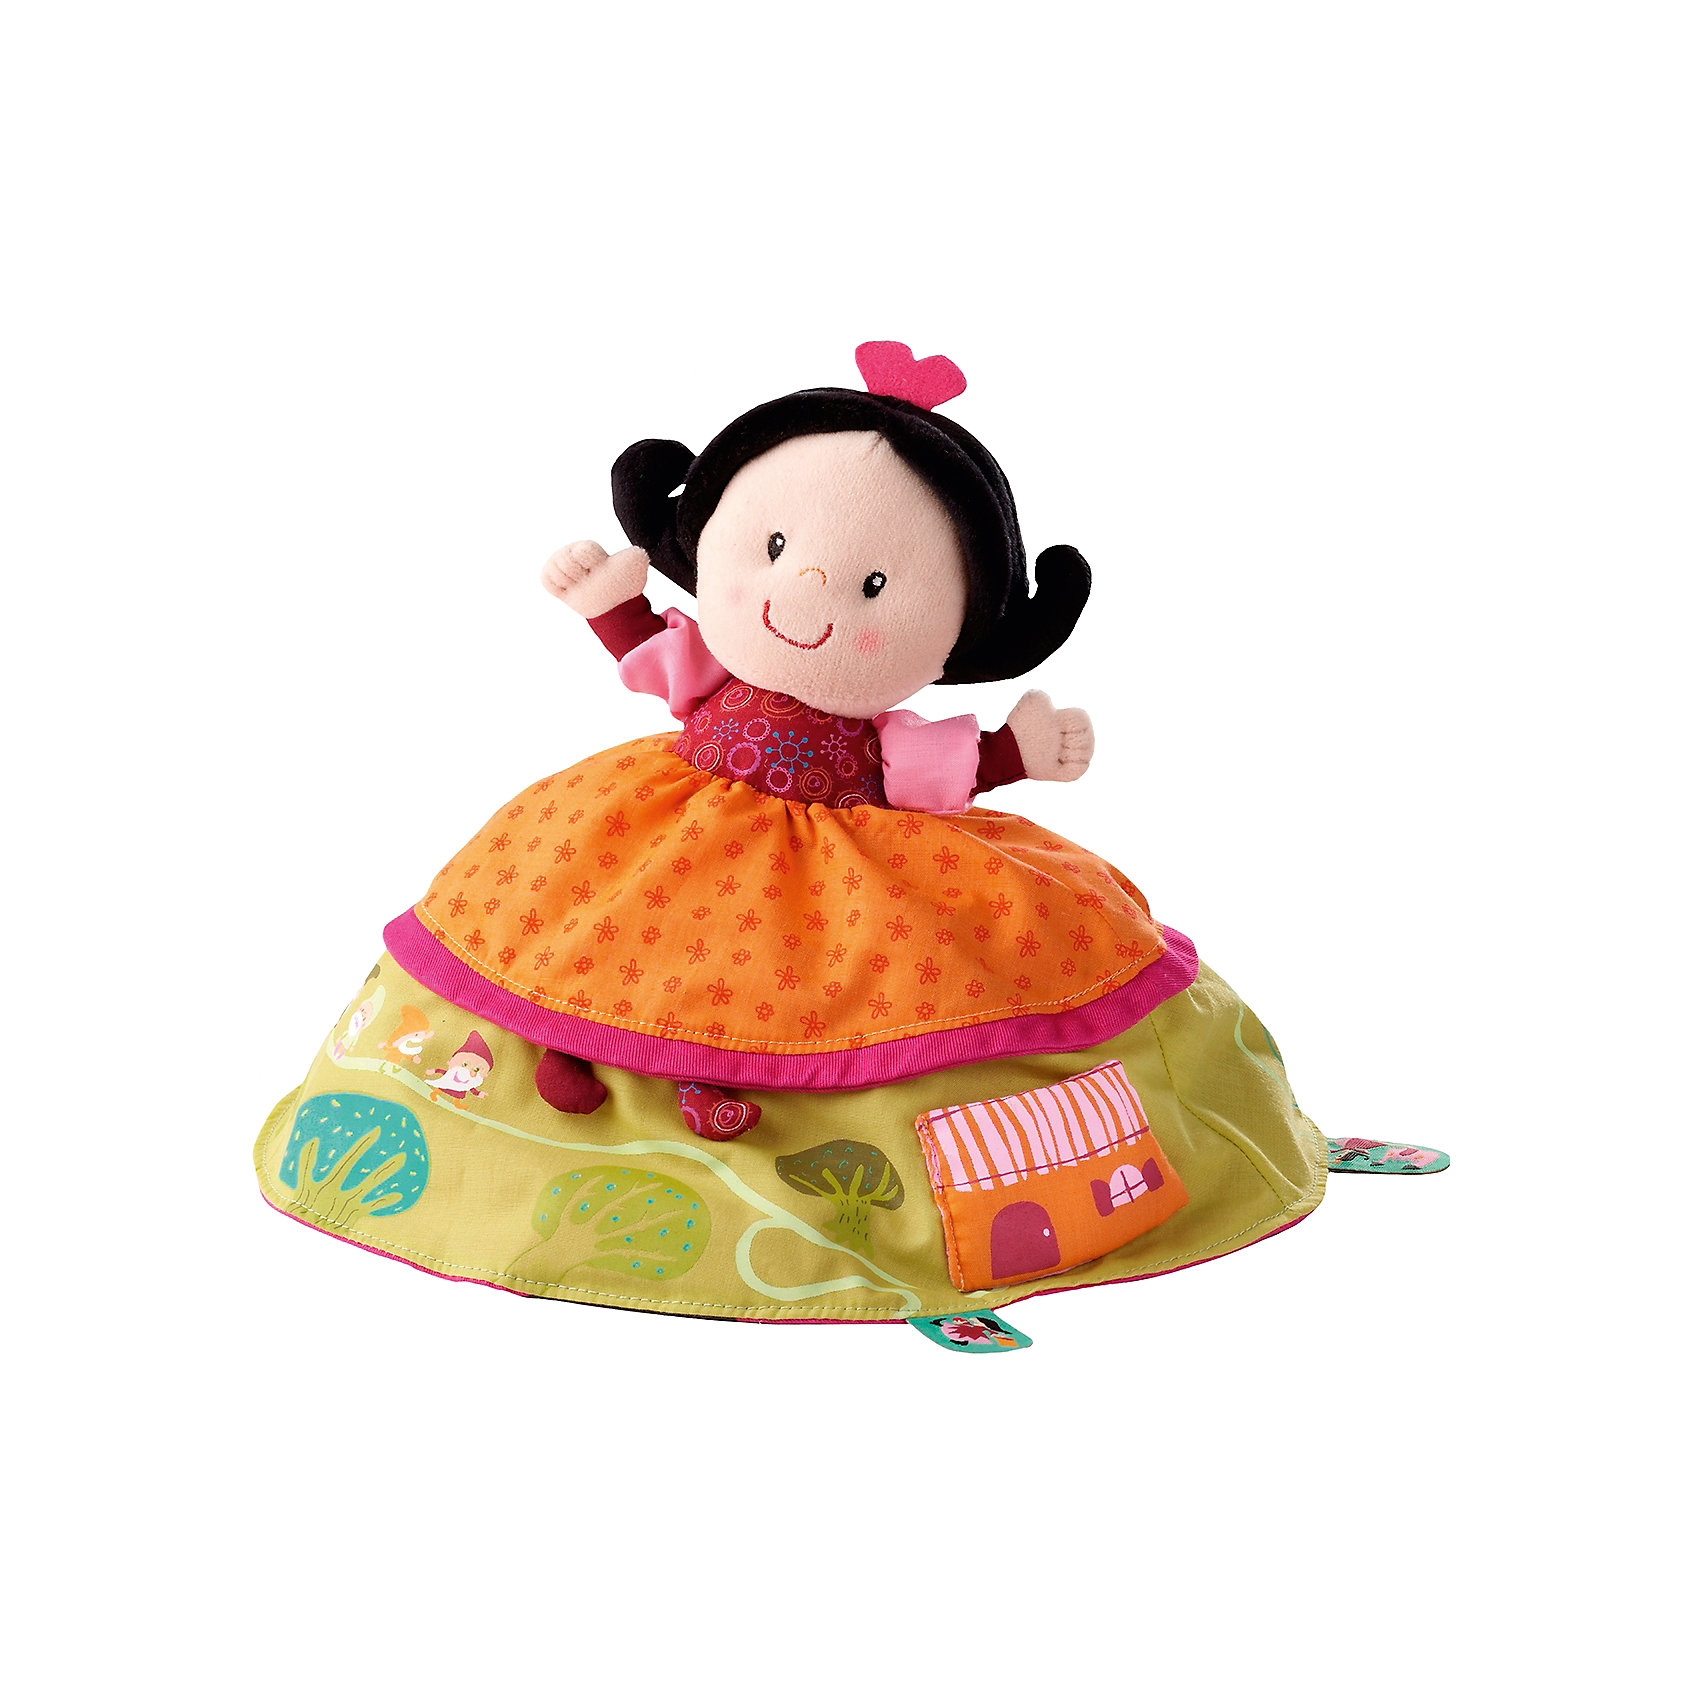 Двусторонняя игрушка Белоснежка, LilliputiensЛюбимые герои<br>Характеристики товара:<br><br>- цвет: разноцветный;<br>- материал: текстиль; <br>- габариты упаковки: 20х19х20 см;<br>- вес: 300 г;<br>- возраст: 9 месяцев +.<br><br>Желание иметь множество разнообразных игрушек приводит к беспорядку в детской и быстрой утрате интереса к модели. Выход есть: игрушки 2 в 1. Данная кукла представляет собой принцессу с одной стороны и злую мачеху с другой. Чтобы поменять игрушку, достаточно вывернуть ее наизнанку! Разная фактура ткани развивает мелкую моторику малыша. Материалы, использованные при изготовлении изделия, абсолютно безопасны и полностью отвечают международным требованиям по качеству детских товаров.<br><br>Модель Двусторонняя игрушка Белоснежка от бркнда Liliputiens можно купить в нашем интернет-магазине.<br><br>Ширина мм: 20<br>Глубина мм: 19<br>Высота мм: 20<br>Вес г: 300<br>Возраст от месяцев: 9<br>Возраст до месяцев: 2147483647<br>Пол: Женский<br>Возраст: Детский<br>SKU: 5097372